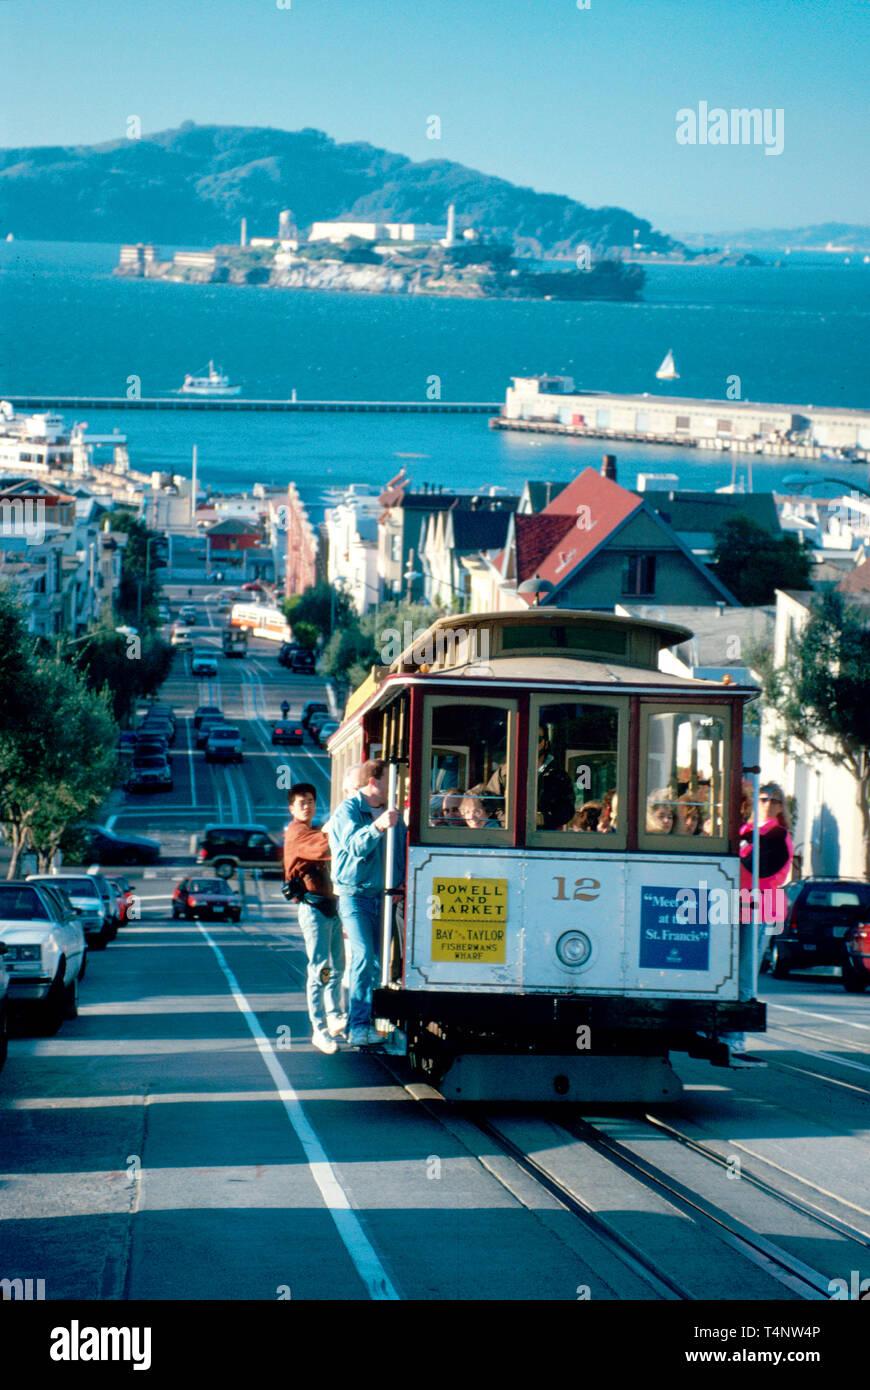 San Francisco California Hyde Street cable car Alcatraz beyond - Stock Image